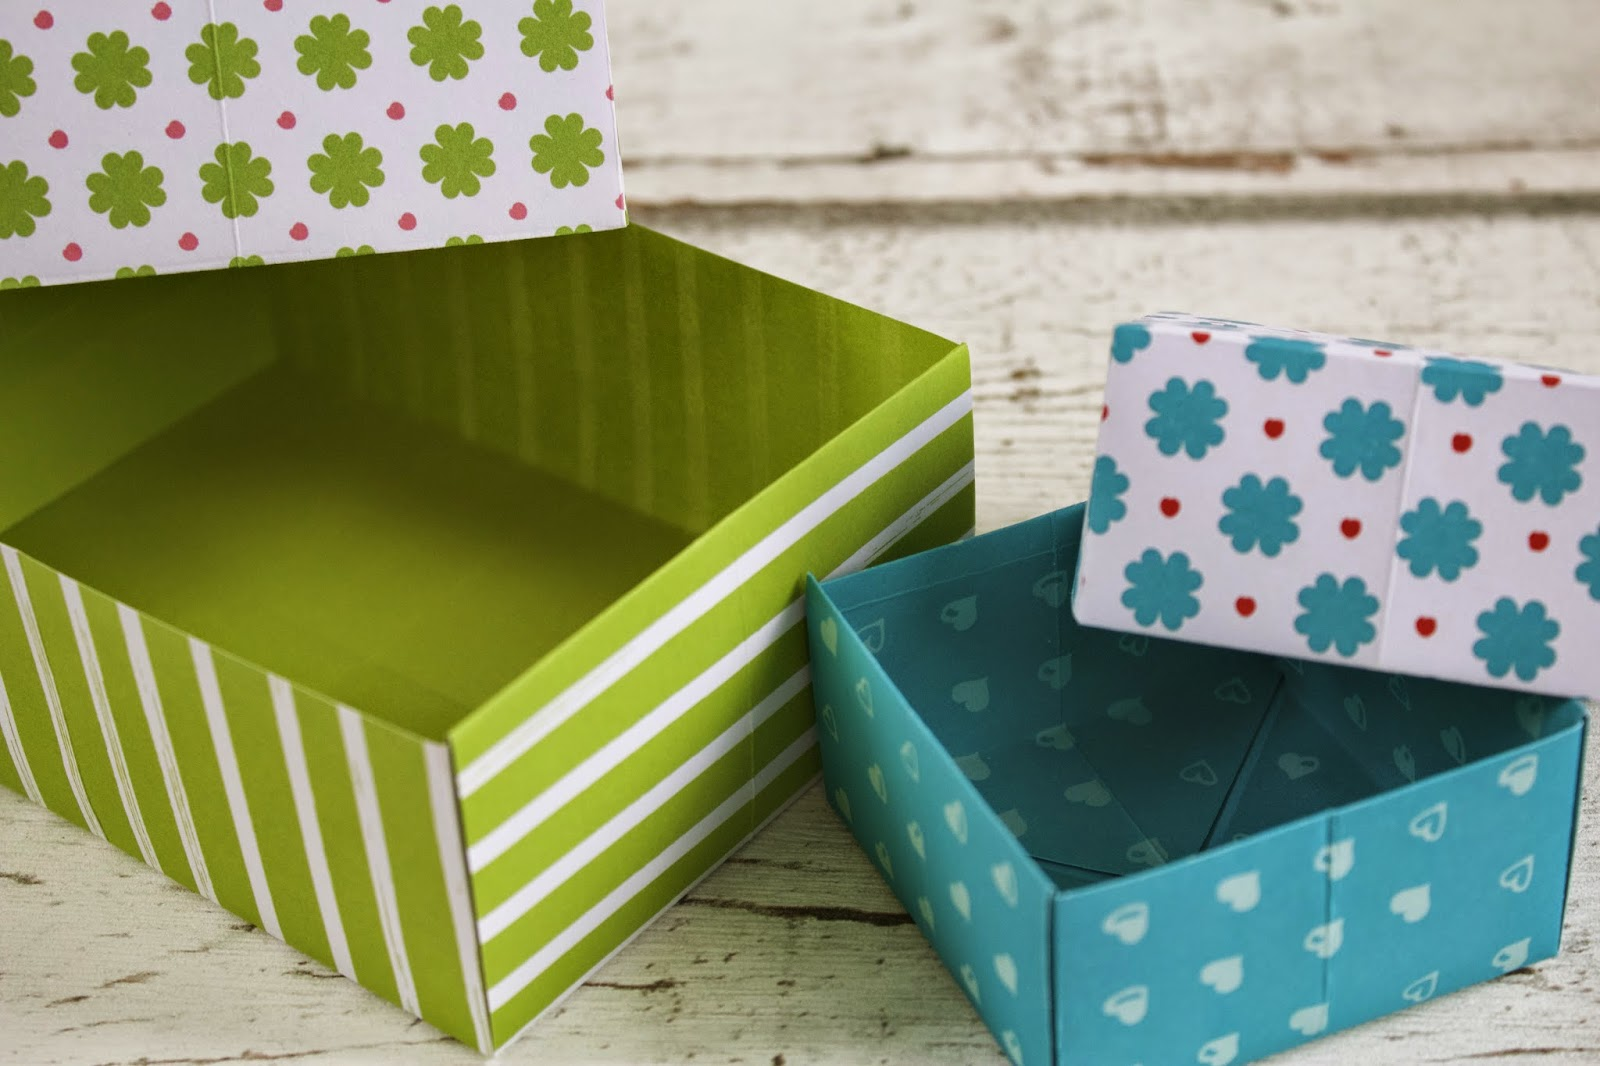 kleiner freitag nicht nur zum verschenken gut kunterbunte schachteln selber basteln teil1. Black Bedroom Furniture Sets. Home Design Ideas